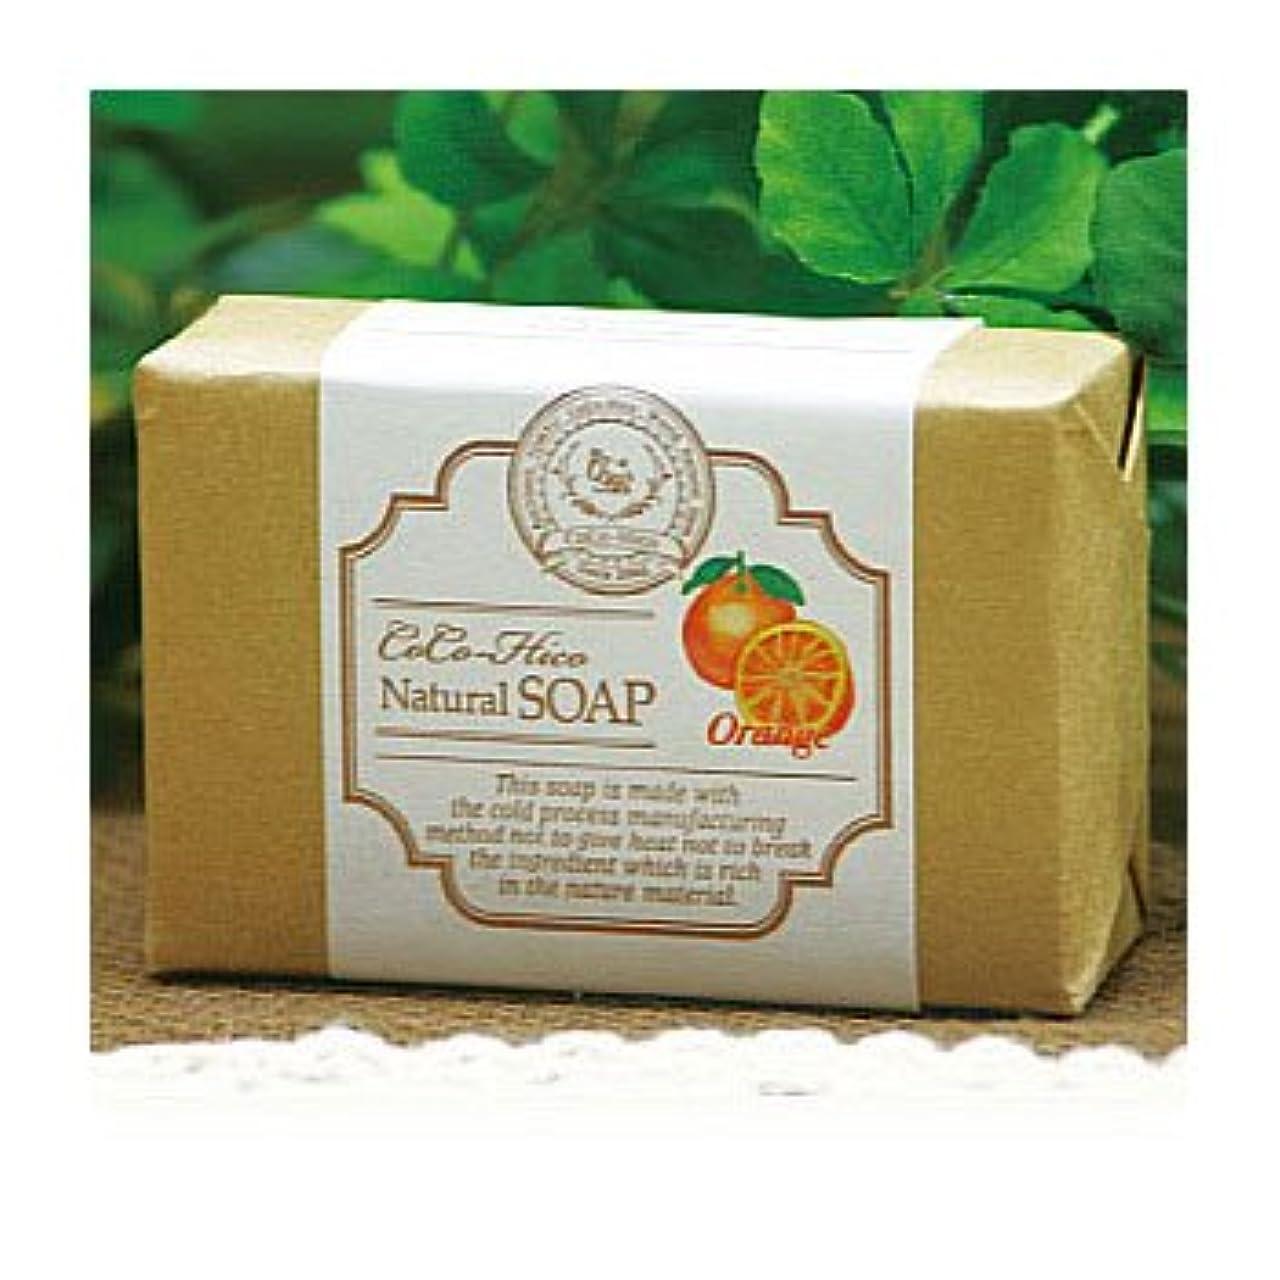 勇者タイムリーな学ぶ【無添加 手作り 生せっけん】-CoCo-Hico SOAP-ココヒコ生せっけん オレンジ